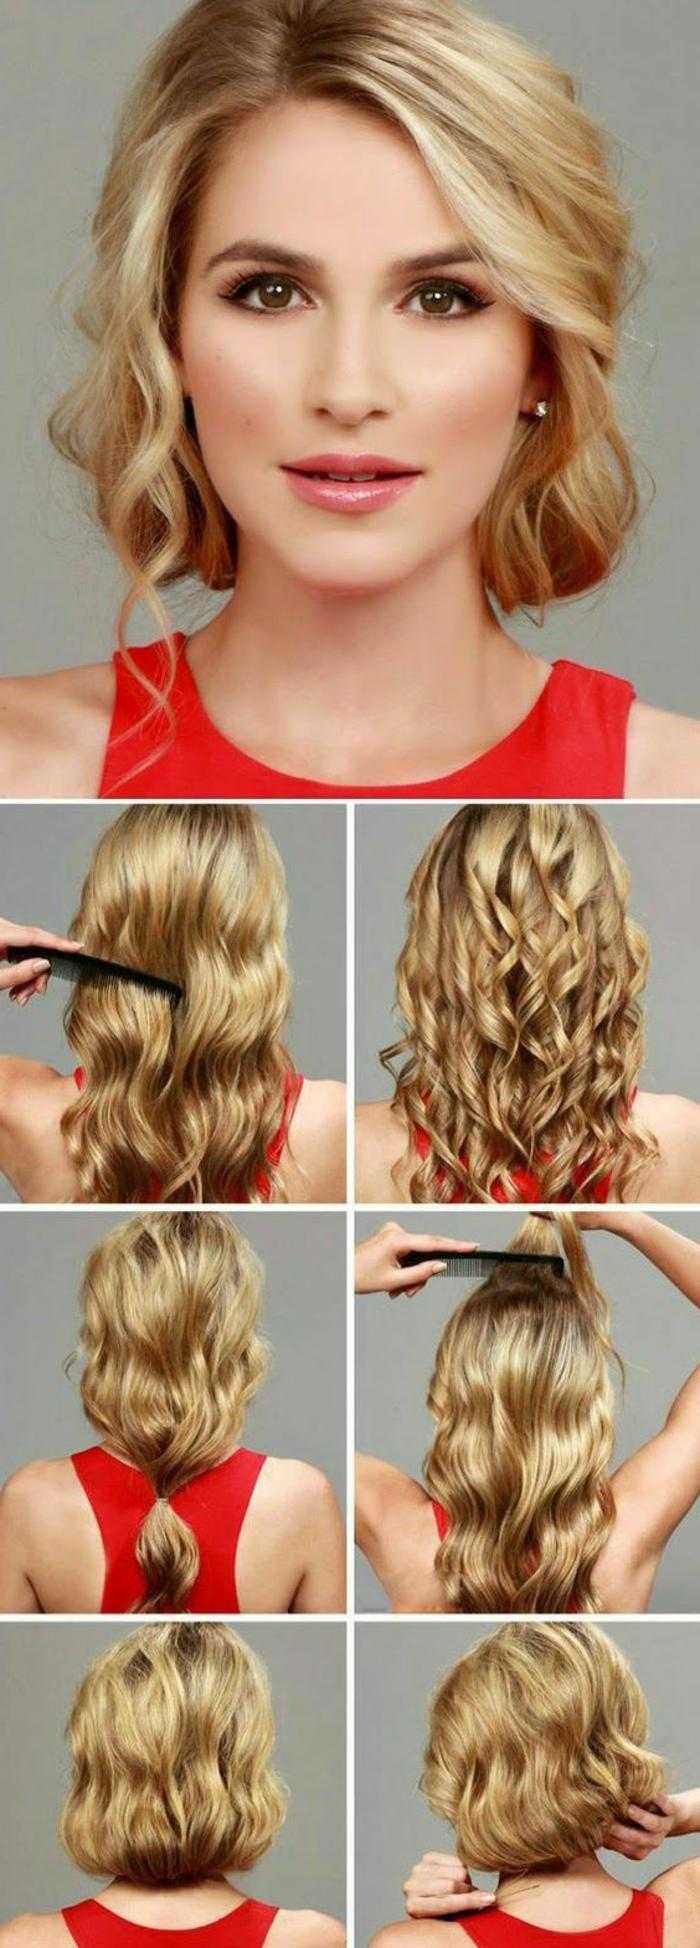 coiffure gatsby cheveux blonds, faux carré ondulant, femme élégante